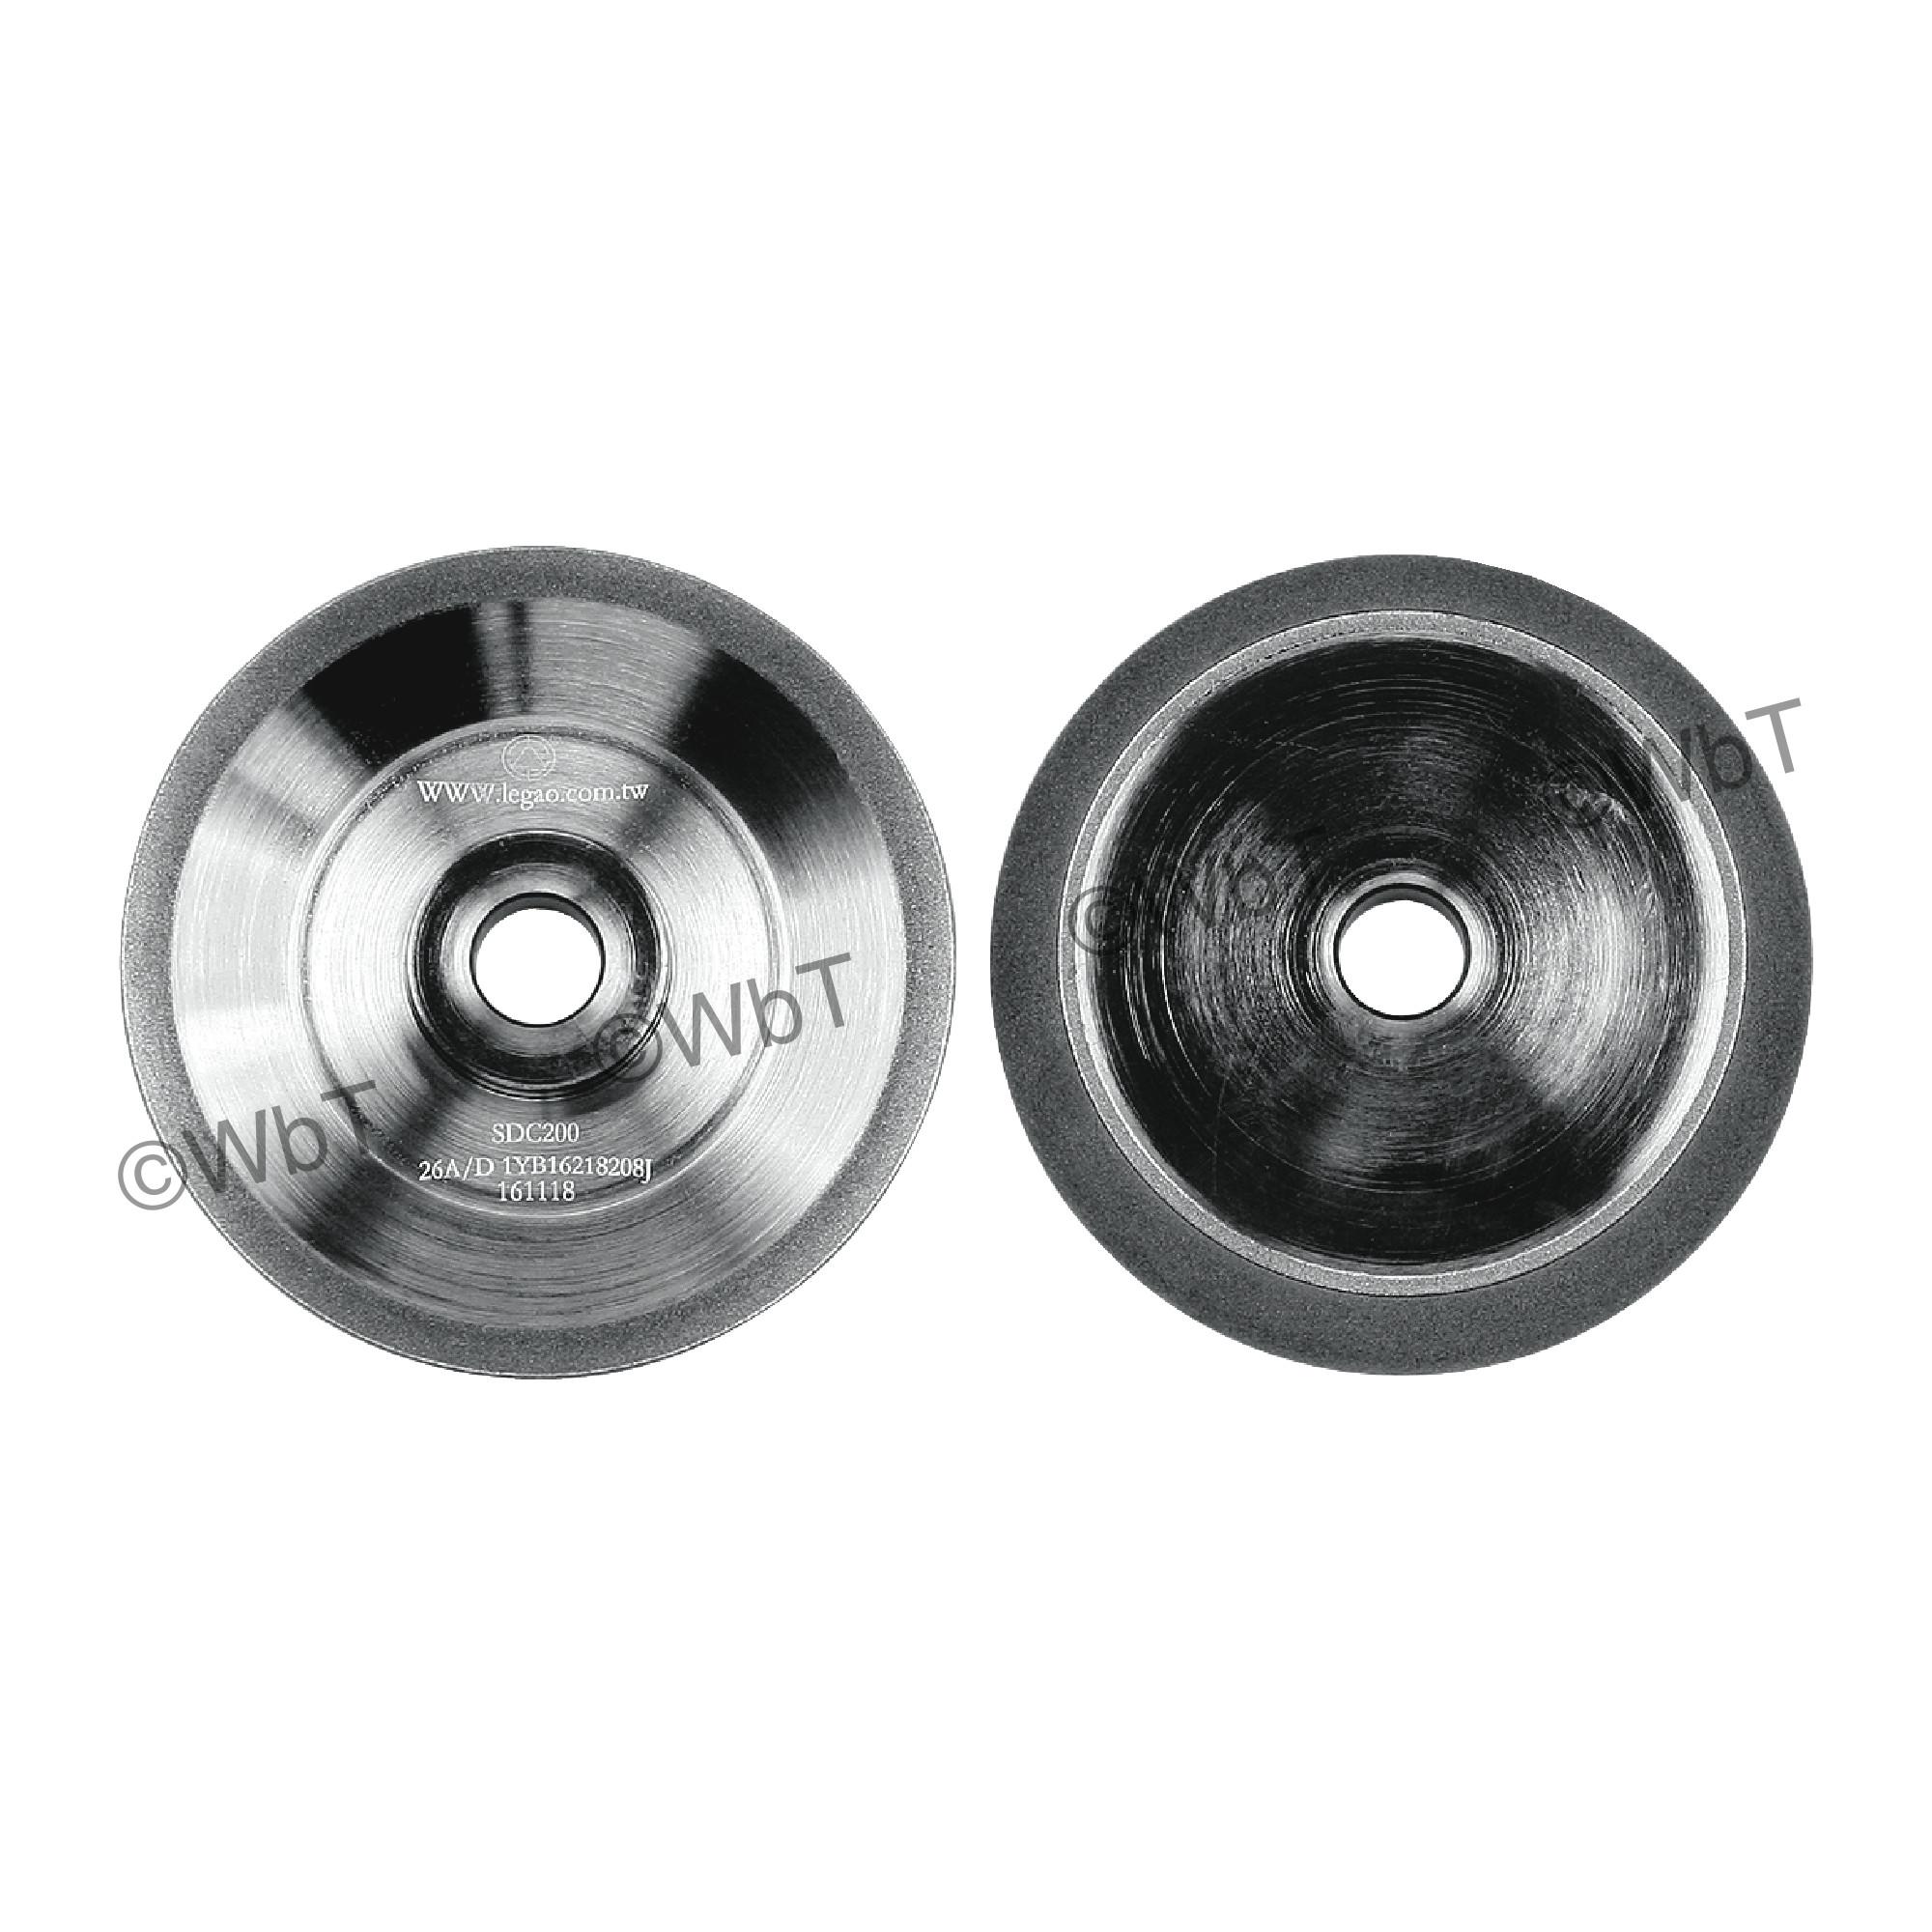 SD Wheel for Carbide